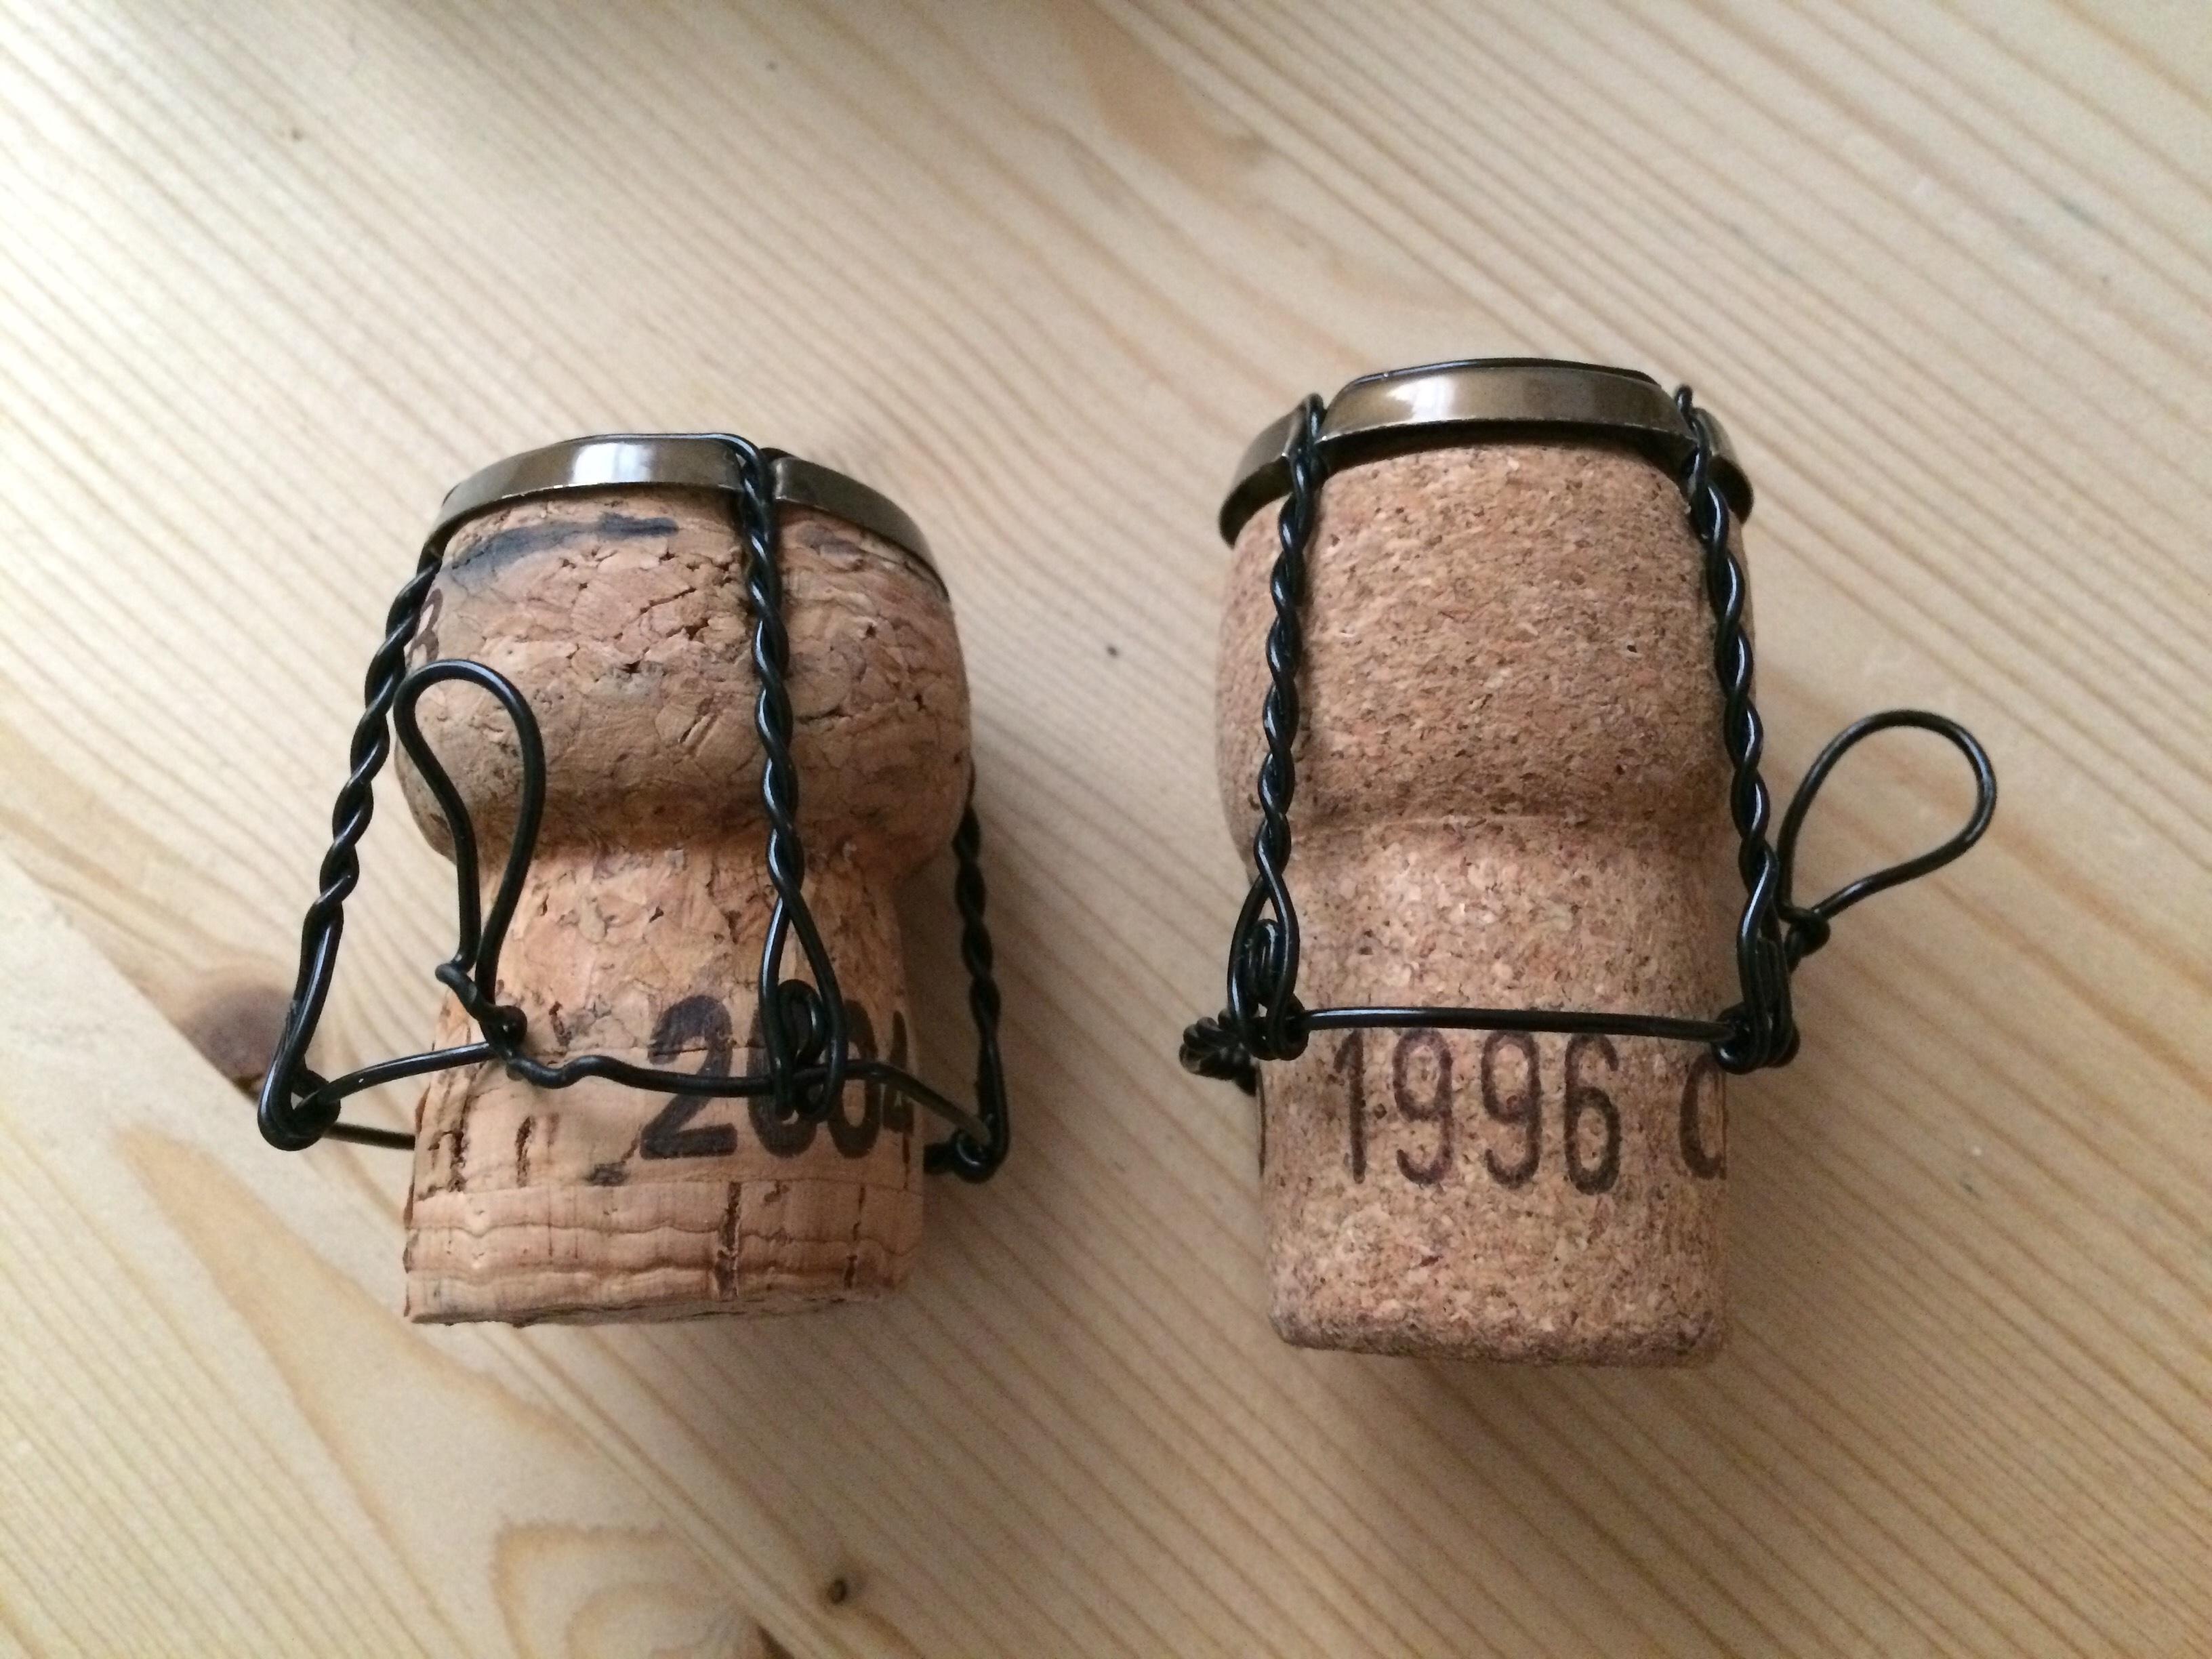 Bouchons Bollinger RD 2004 et Bollinger RD 1996